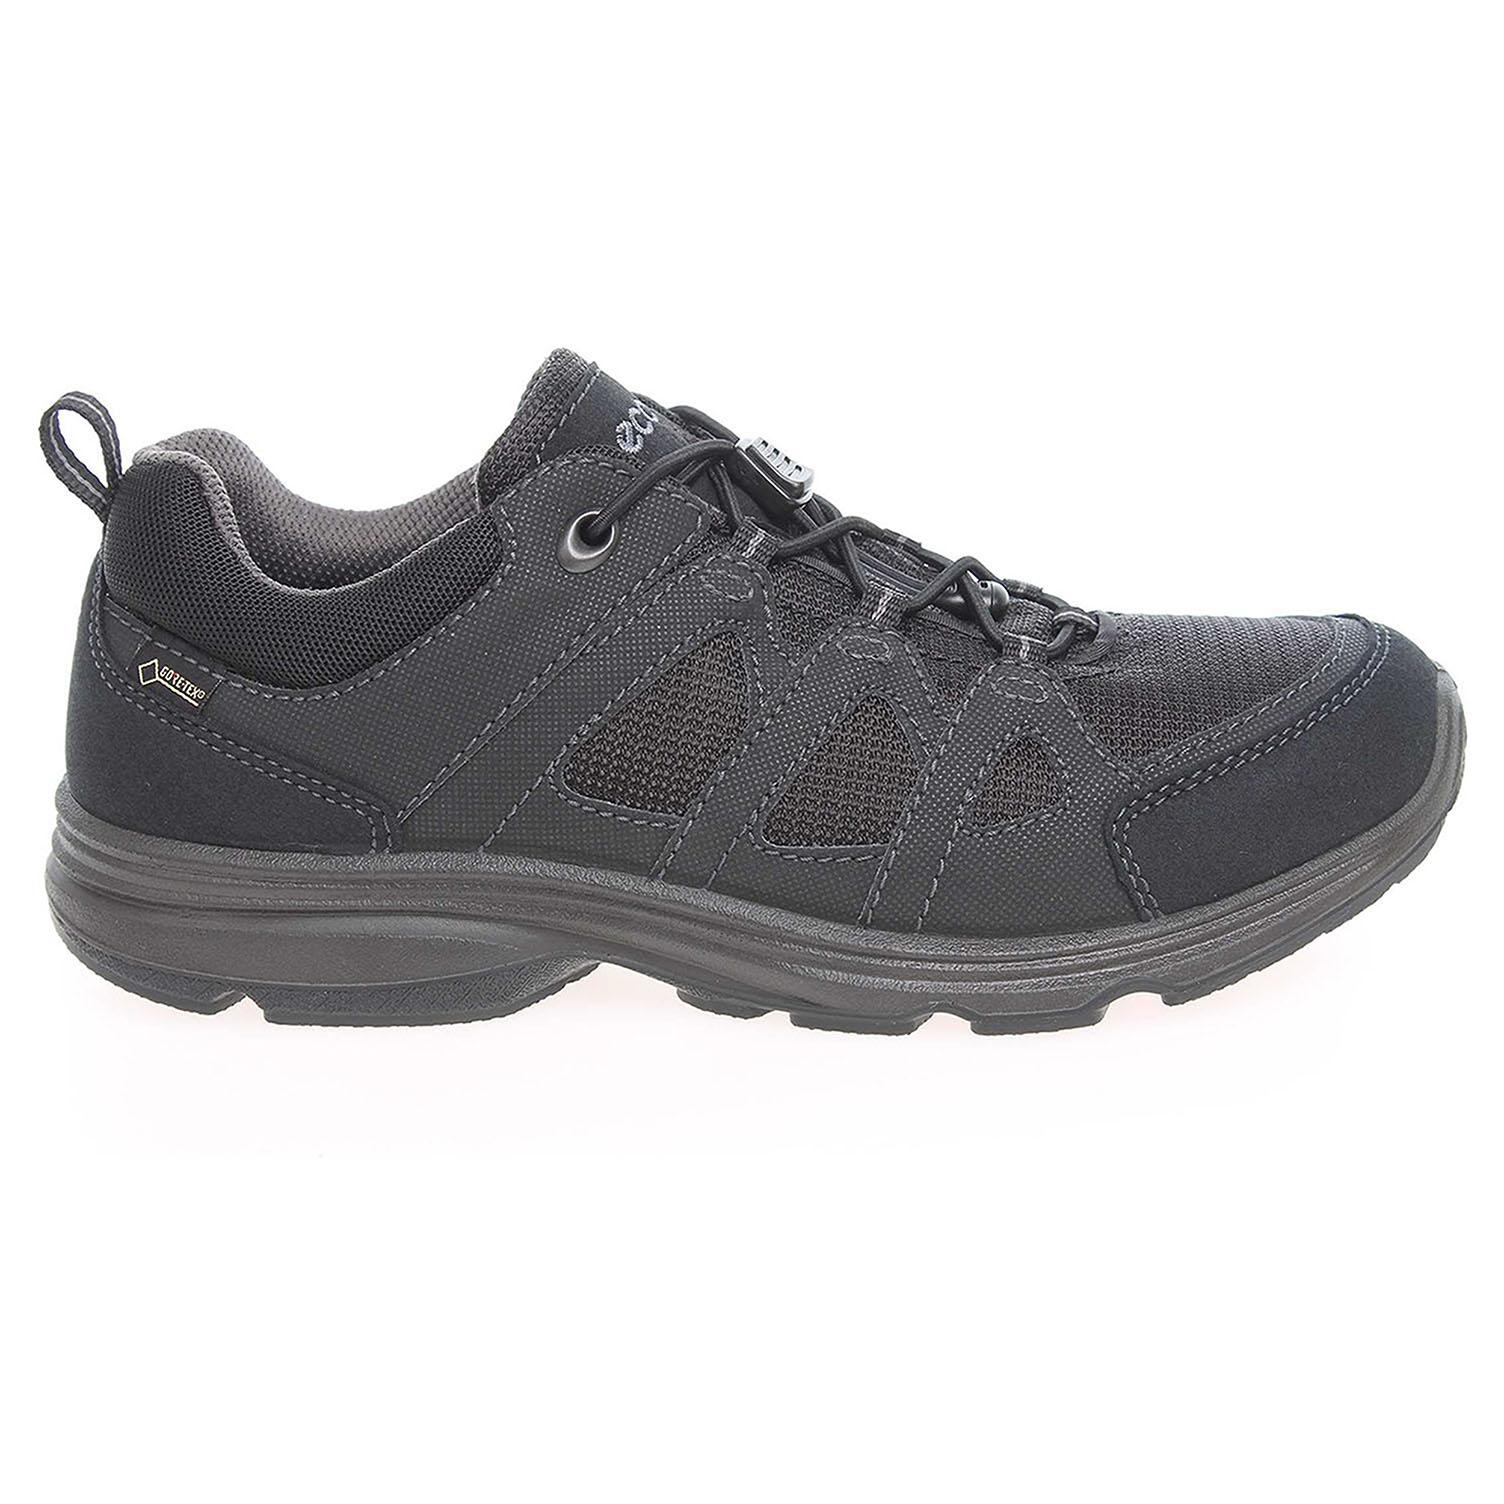 Ecco Ecco Light IV dámská obuv 83602351052 černá 23900173